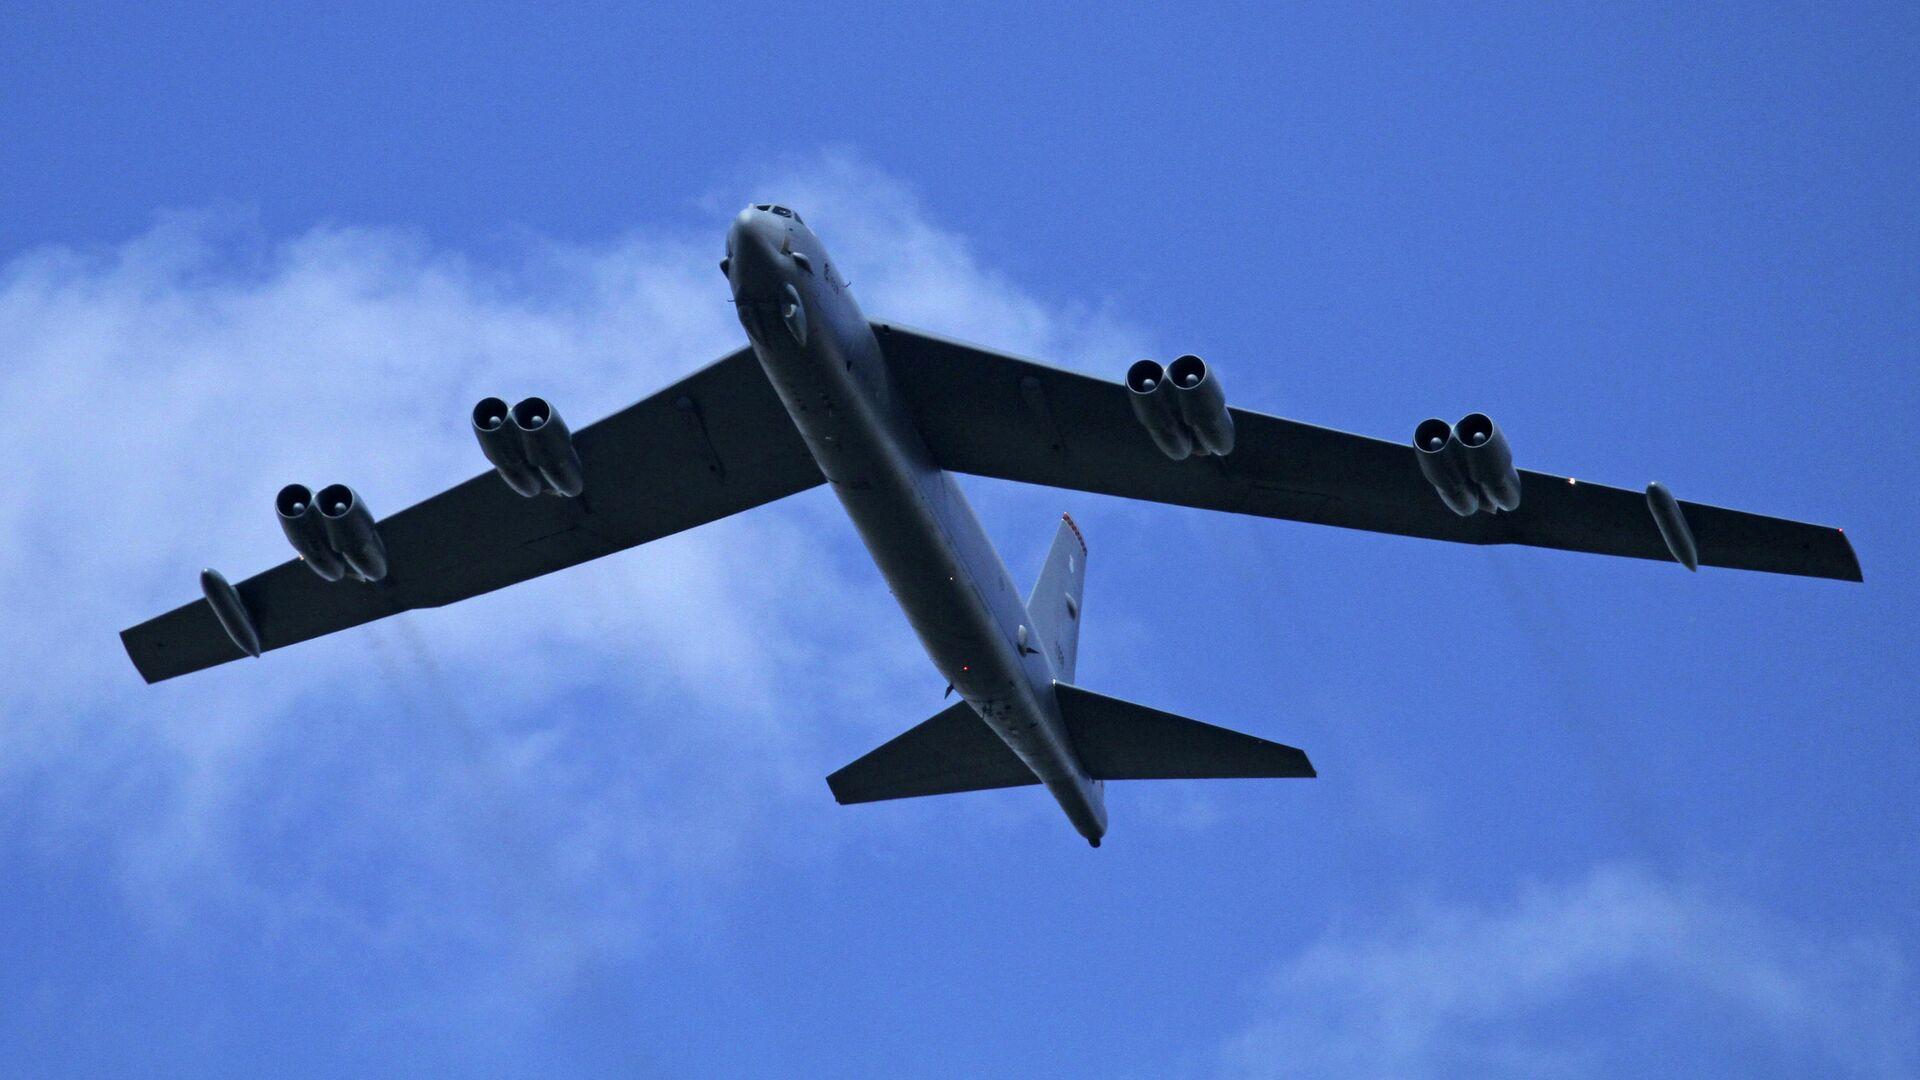 Стратегический бомбардировщик Boeing B-52H Stratofortress ВВС США - РИА Новости, 1920, 04.09.2020